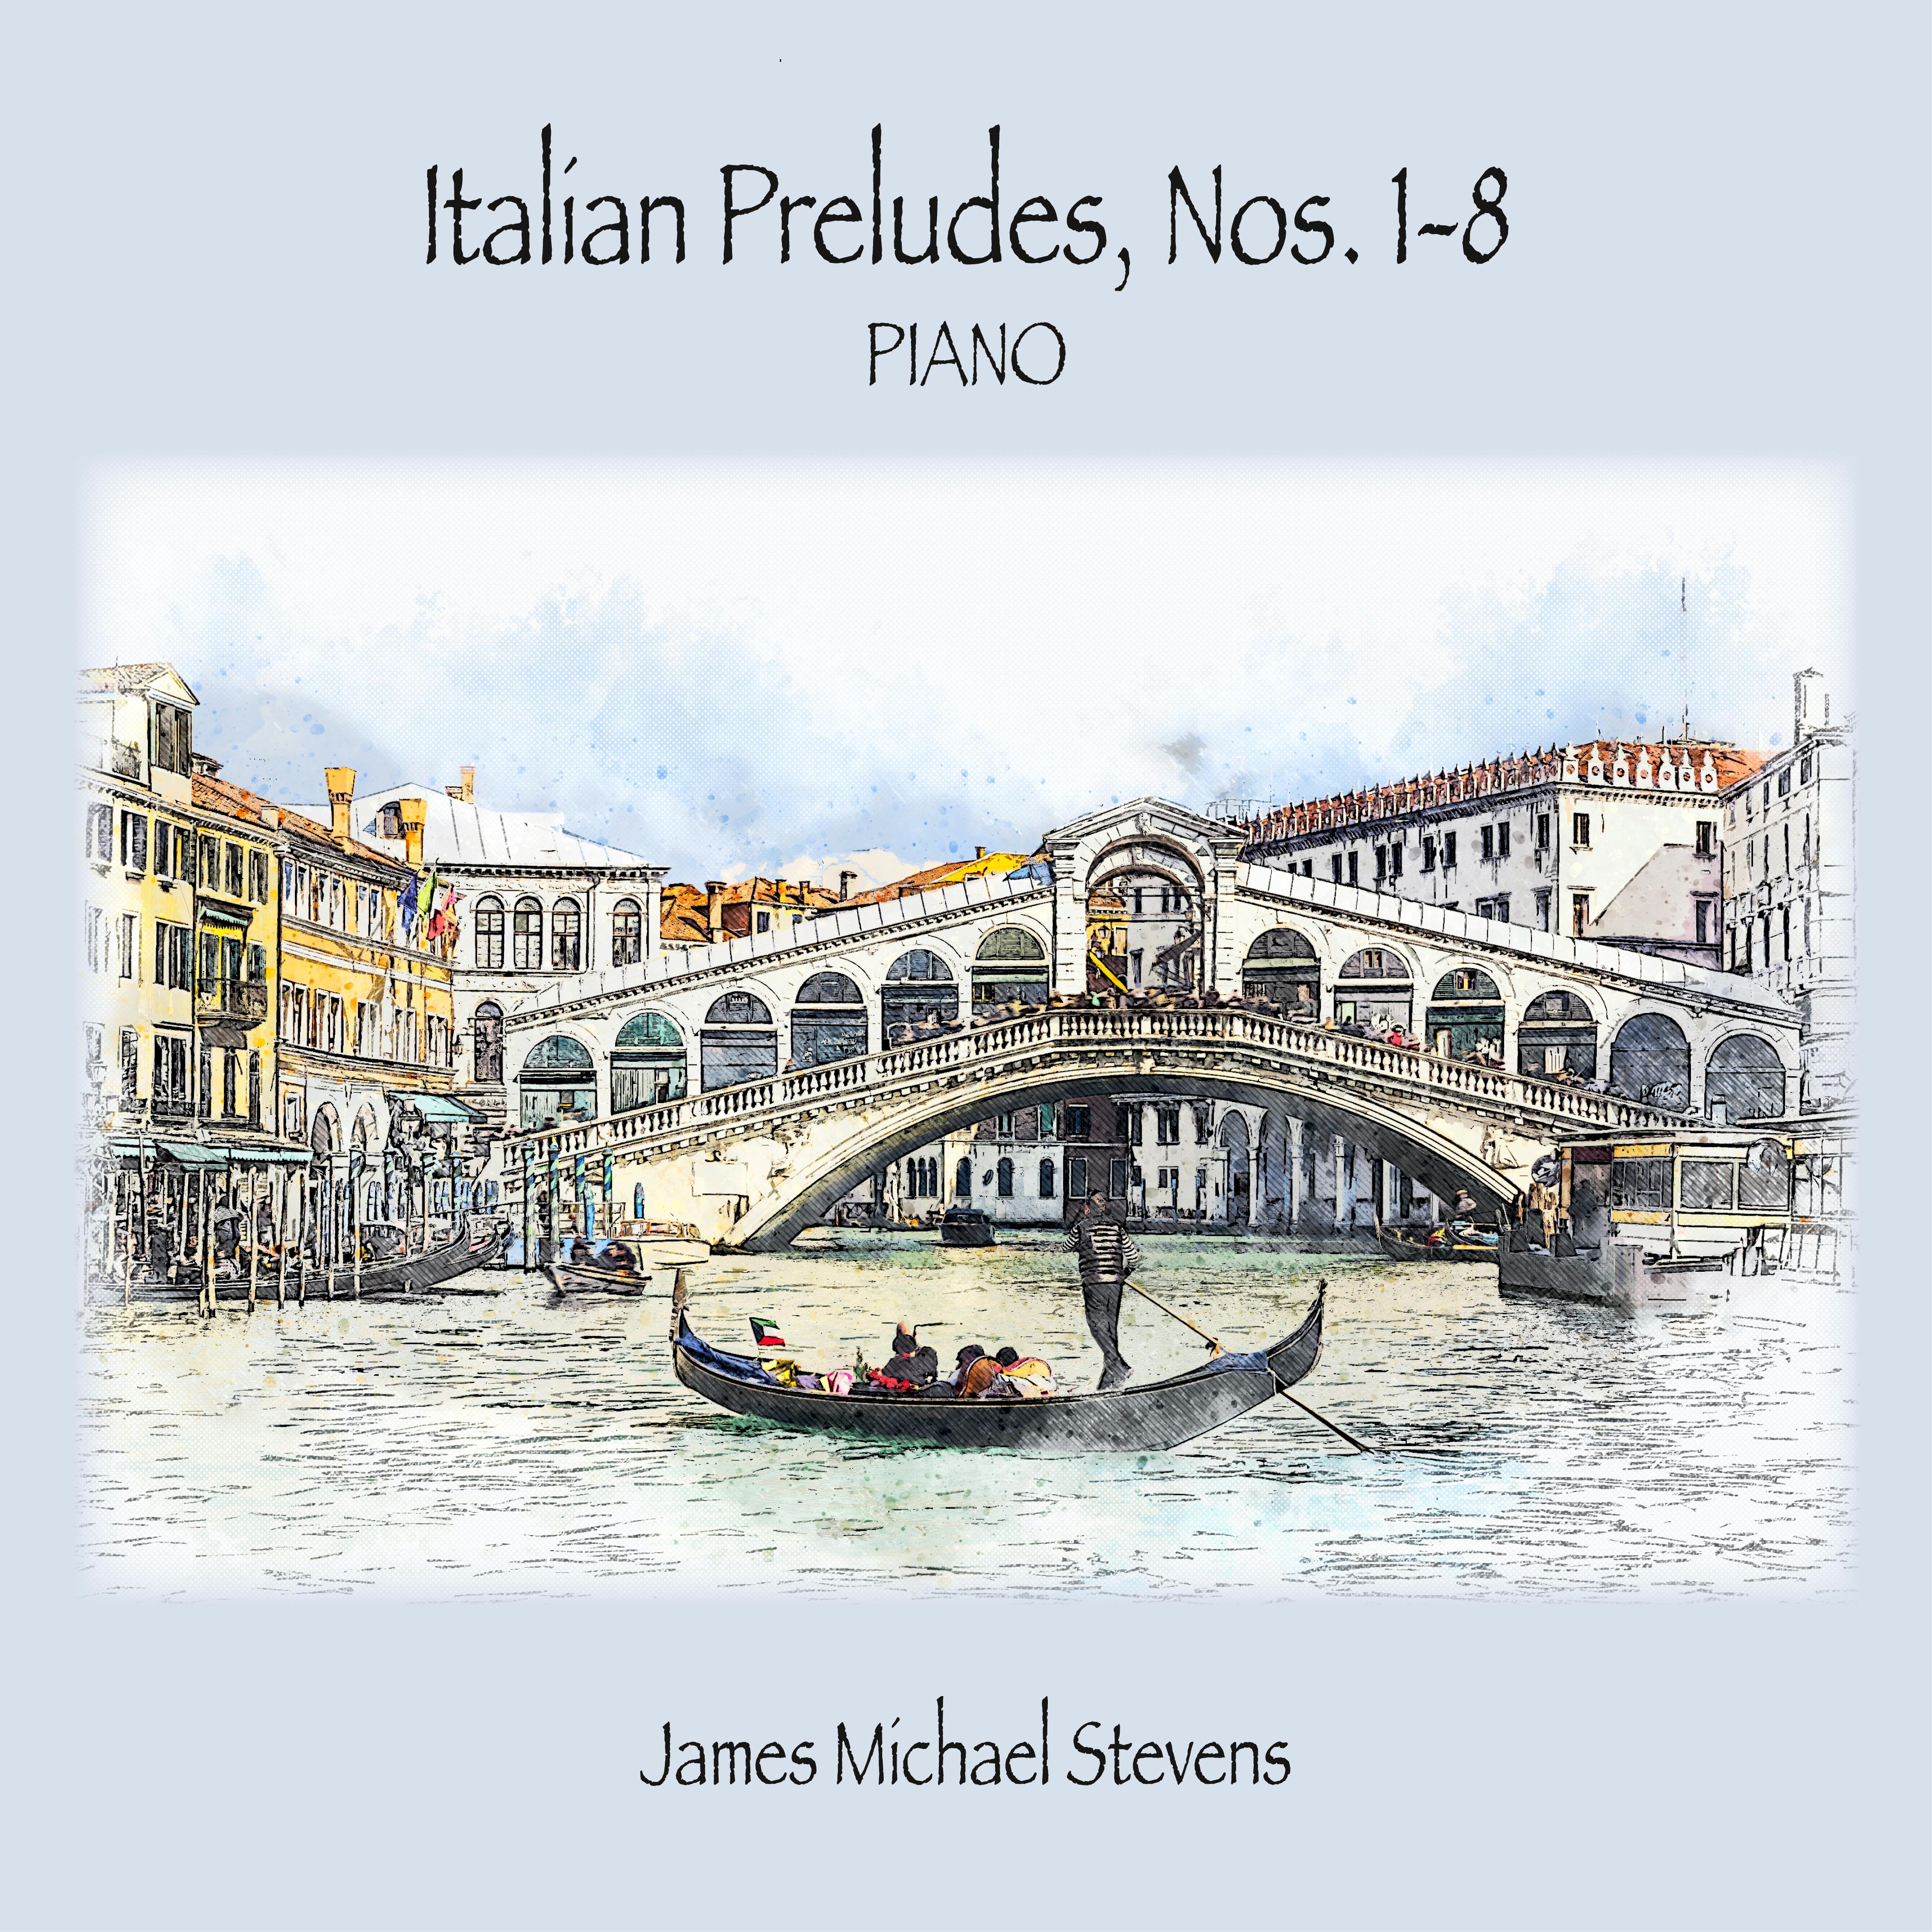 James Michael Stevens - Italian Preludes